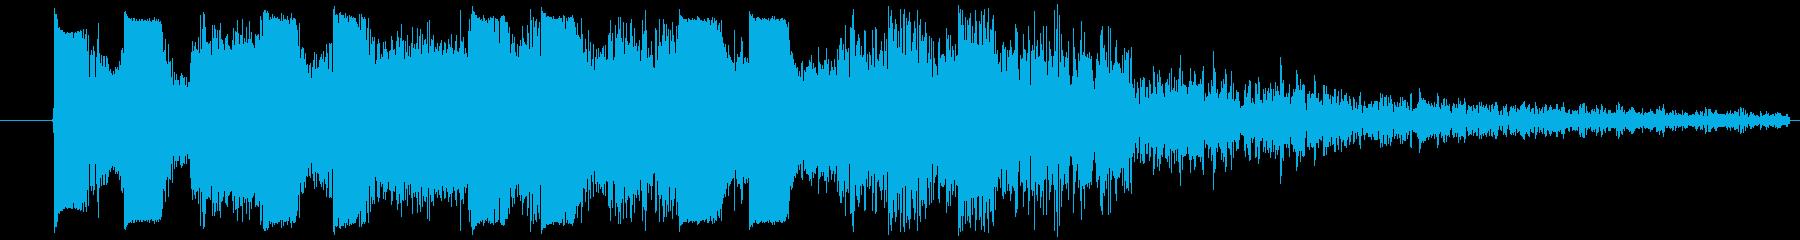 ドミソド(-1):すみません用途不明ですの再生済みの波形